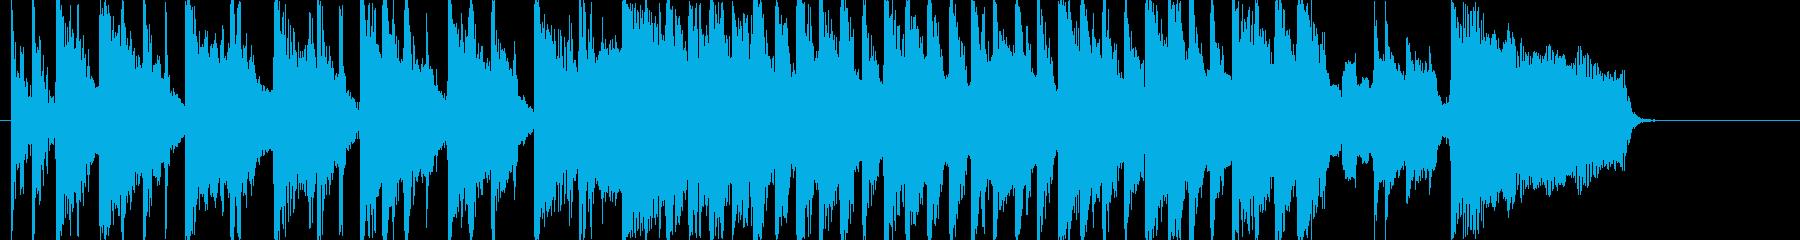 ビートルズ風ミドルロック音源の再生済みの波形